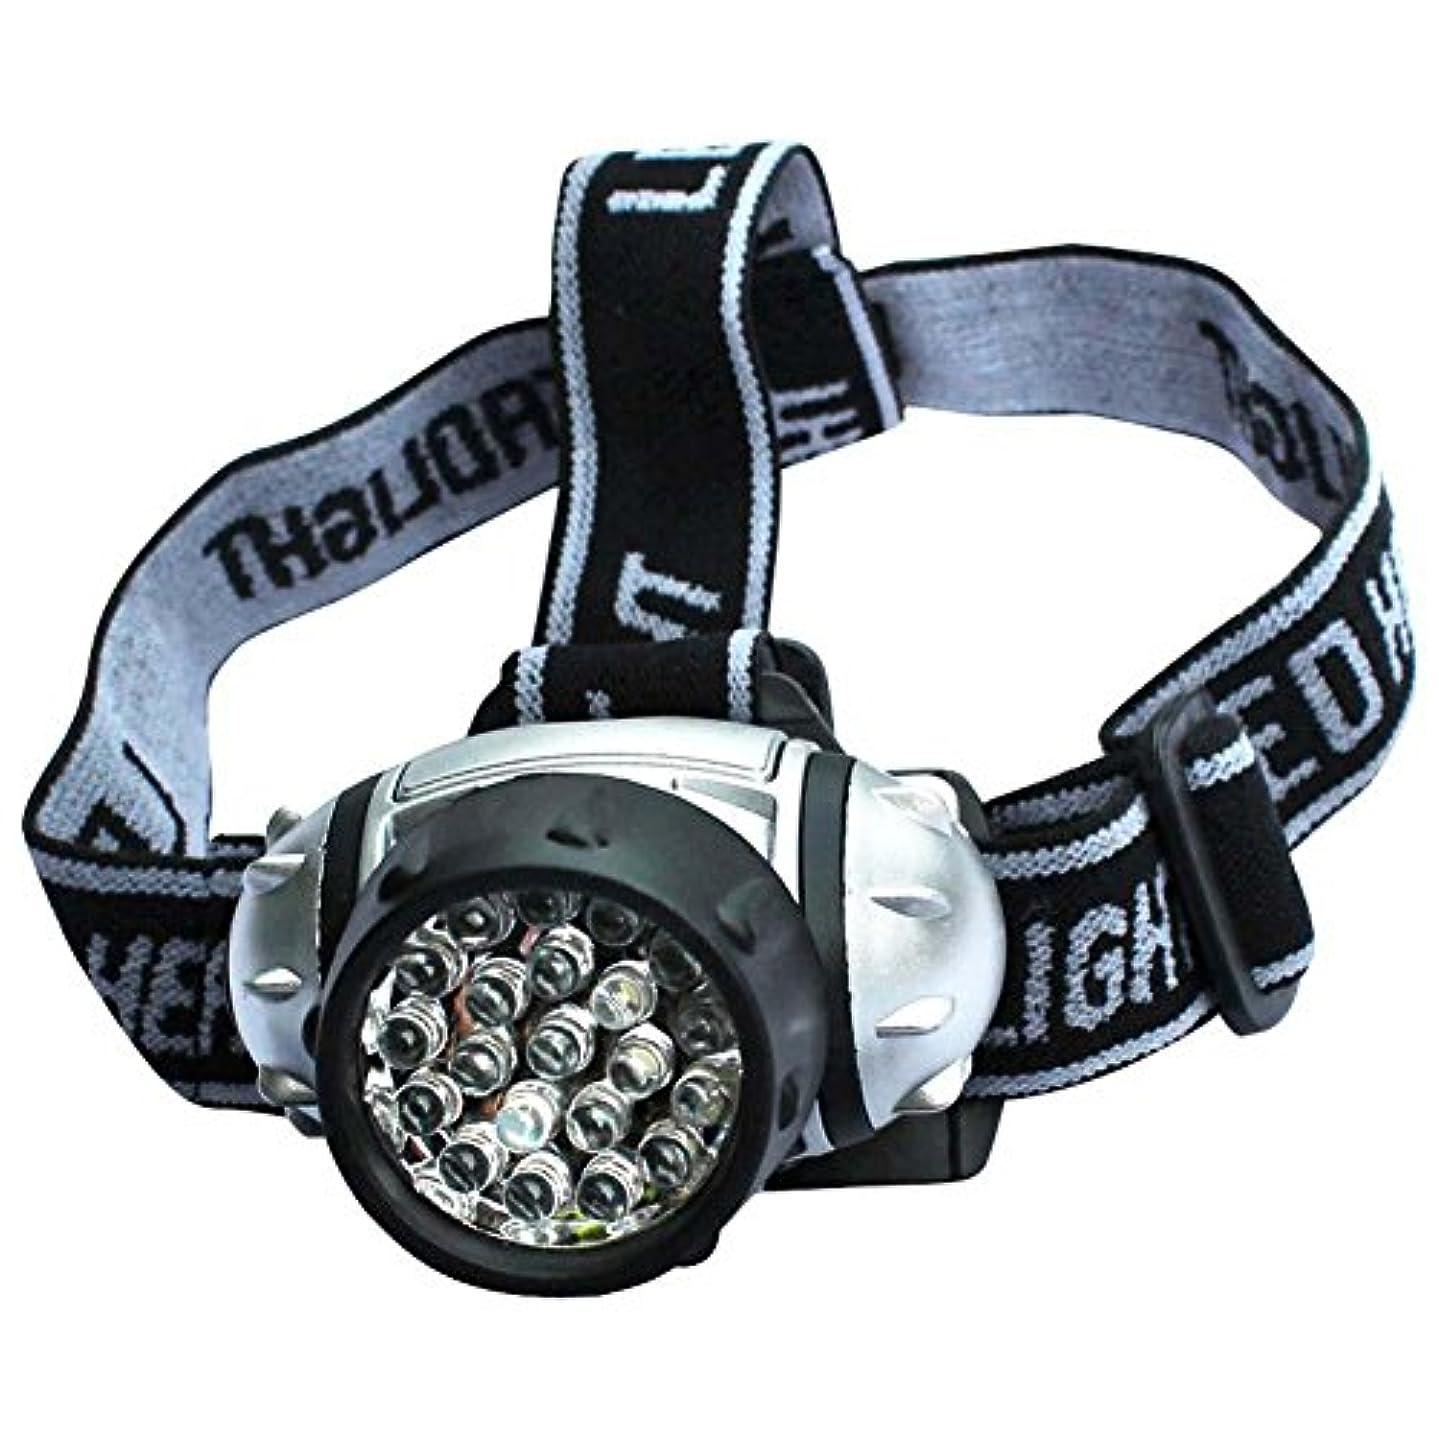 迅速純粋な合併症XIAOBUDIAN 21 LEDランプビーズ4モード防水ヘッドトーチ懐中電灯バイクランプヘッドランプヘッドライトアウトドアフィッシングキャンプ用品ライトマイナーランプ